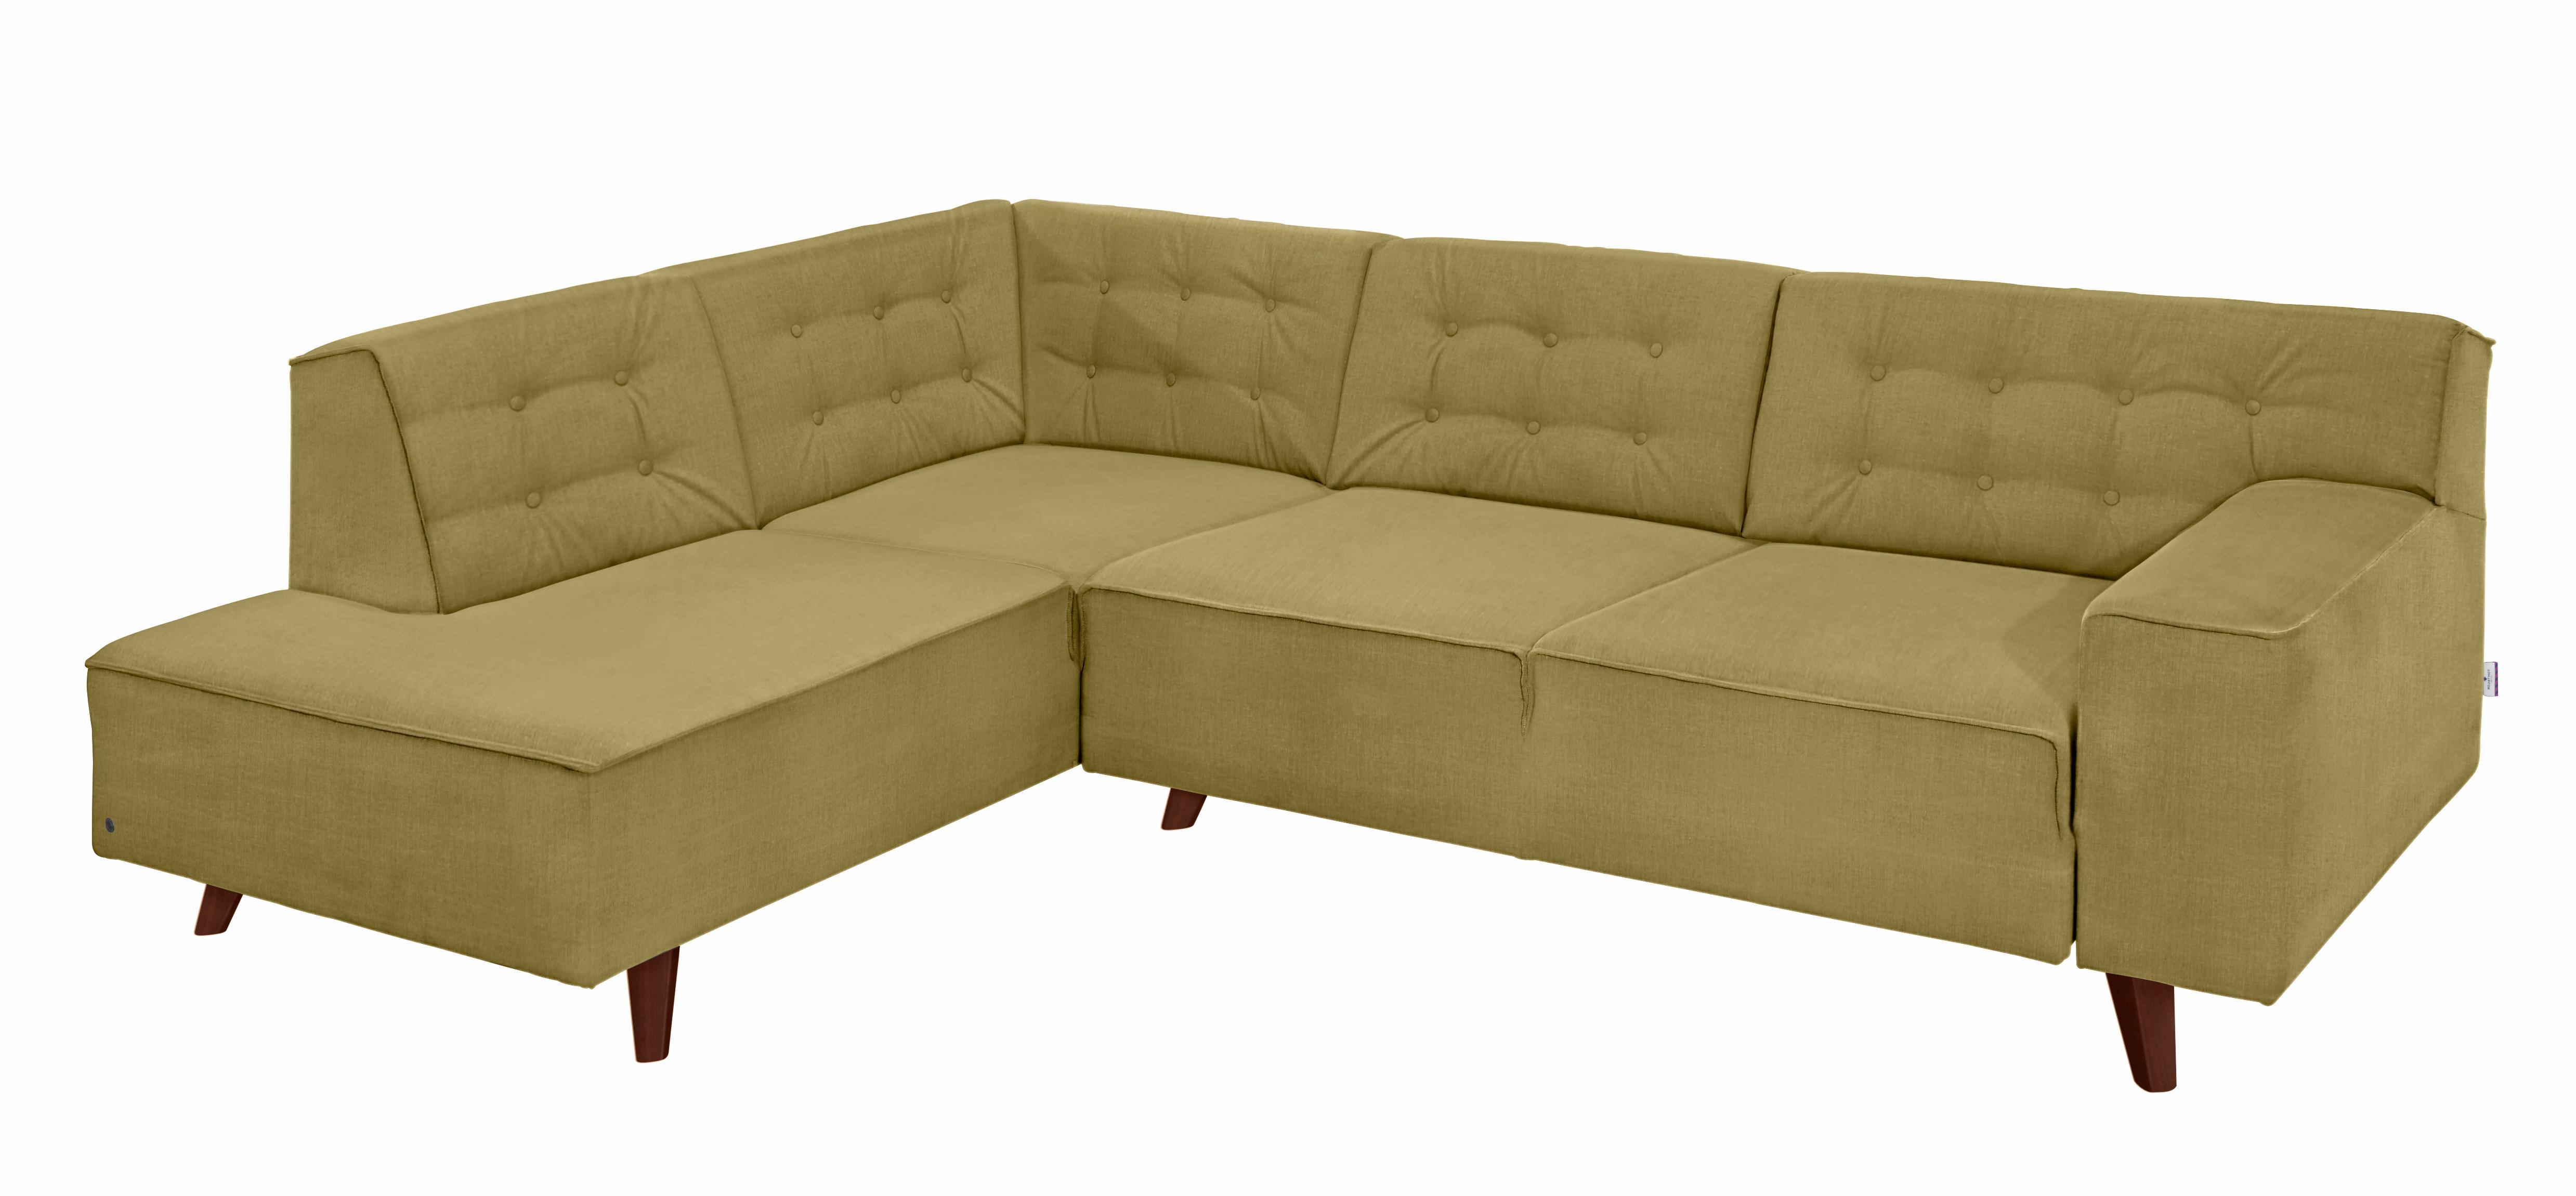 tom tailor home preise vergleichen und g nstig einkaufen bei der preis. Black Bedroom Furniture Sets. Home Design Ideas